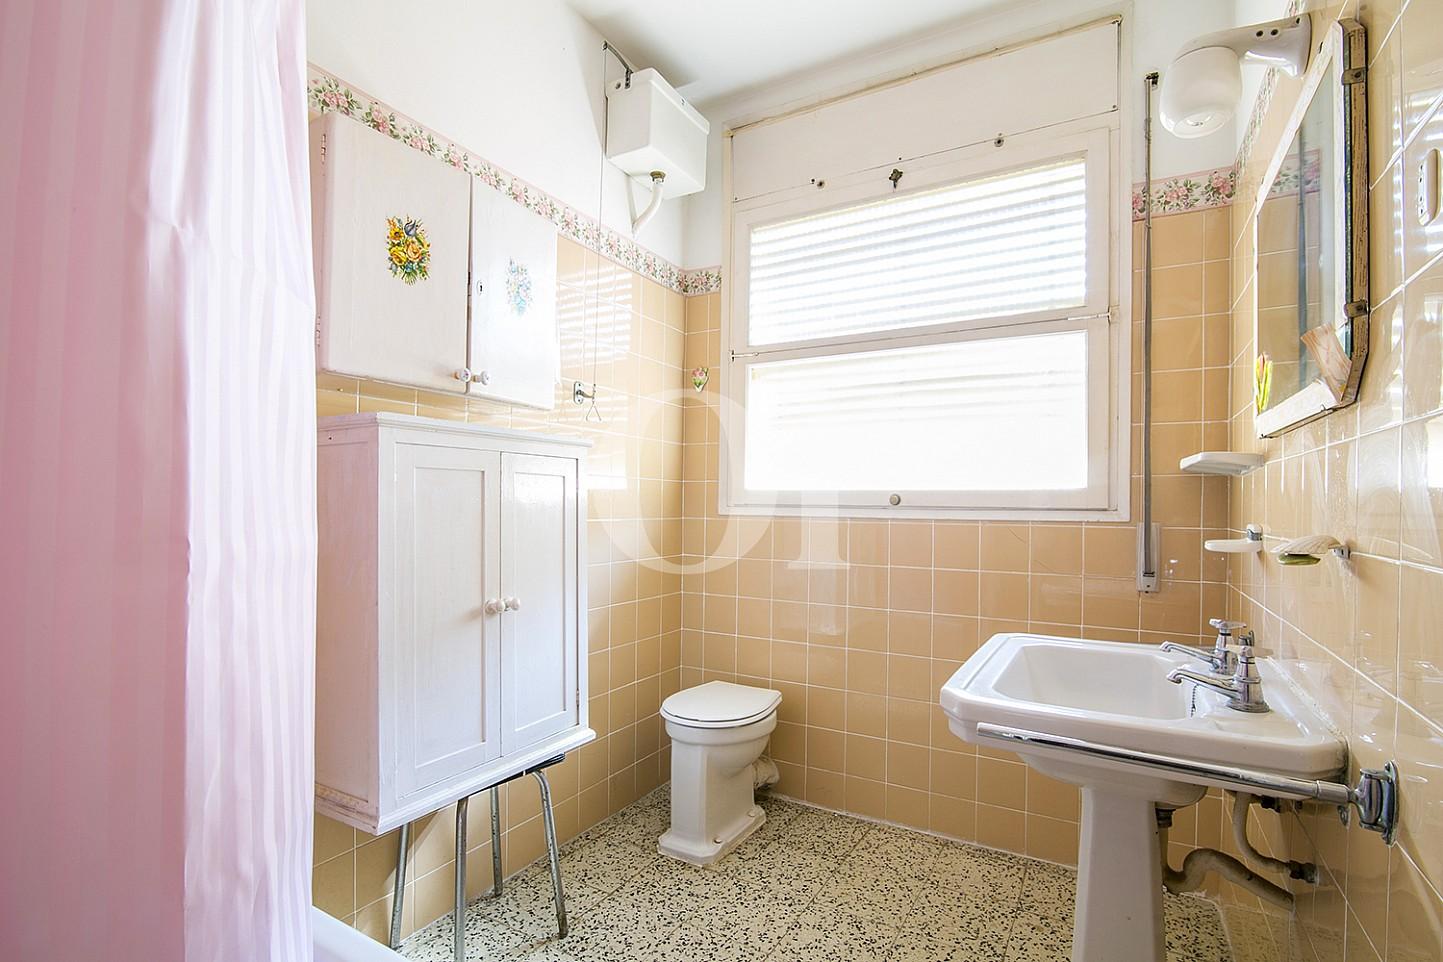 vues salle de bain avec WC et fond de la baignoire à vendre situé dans Caldetas